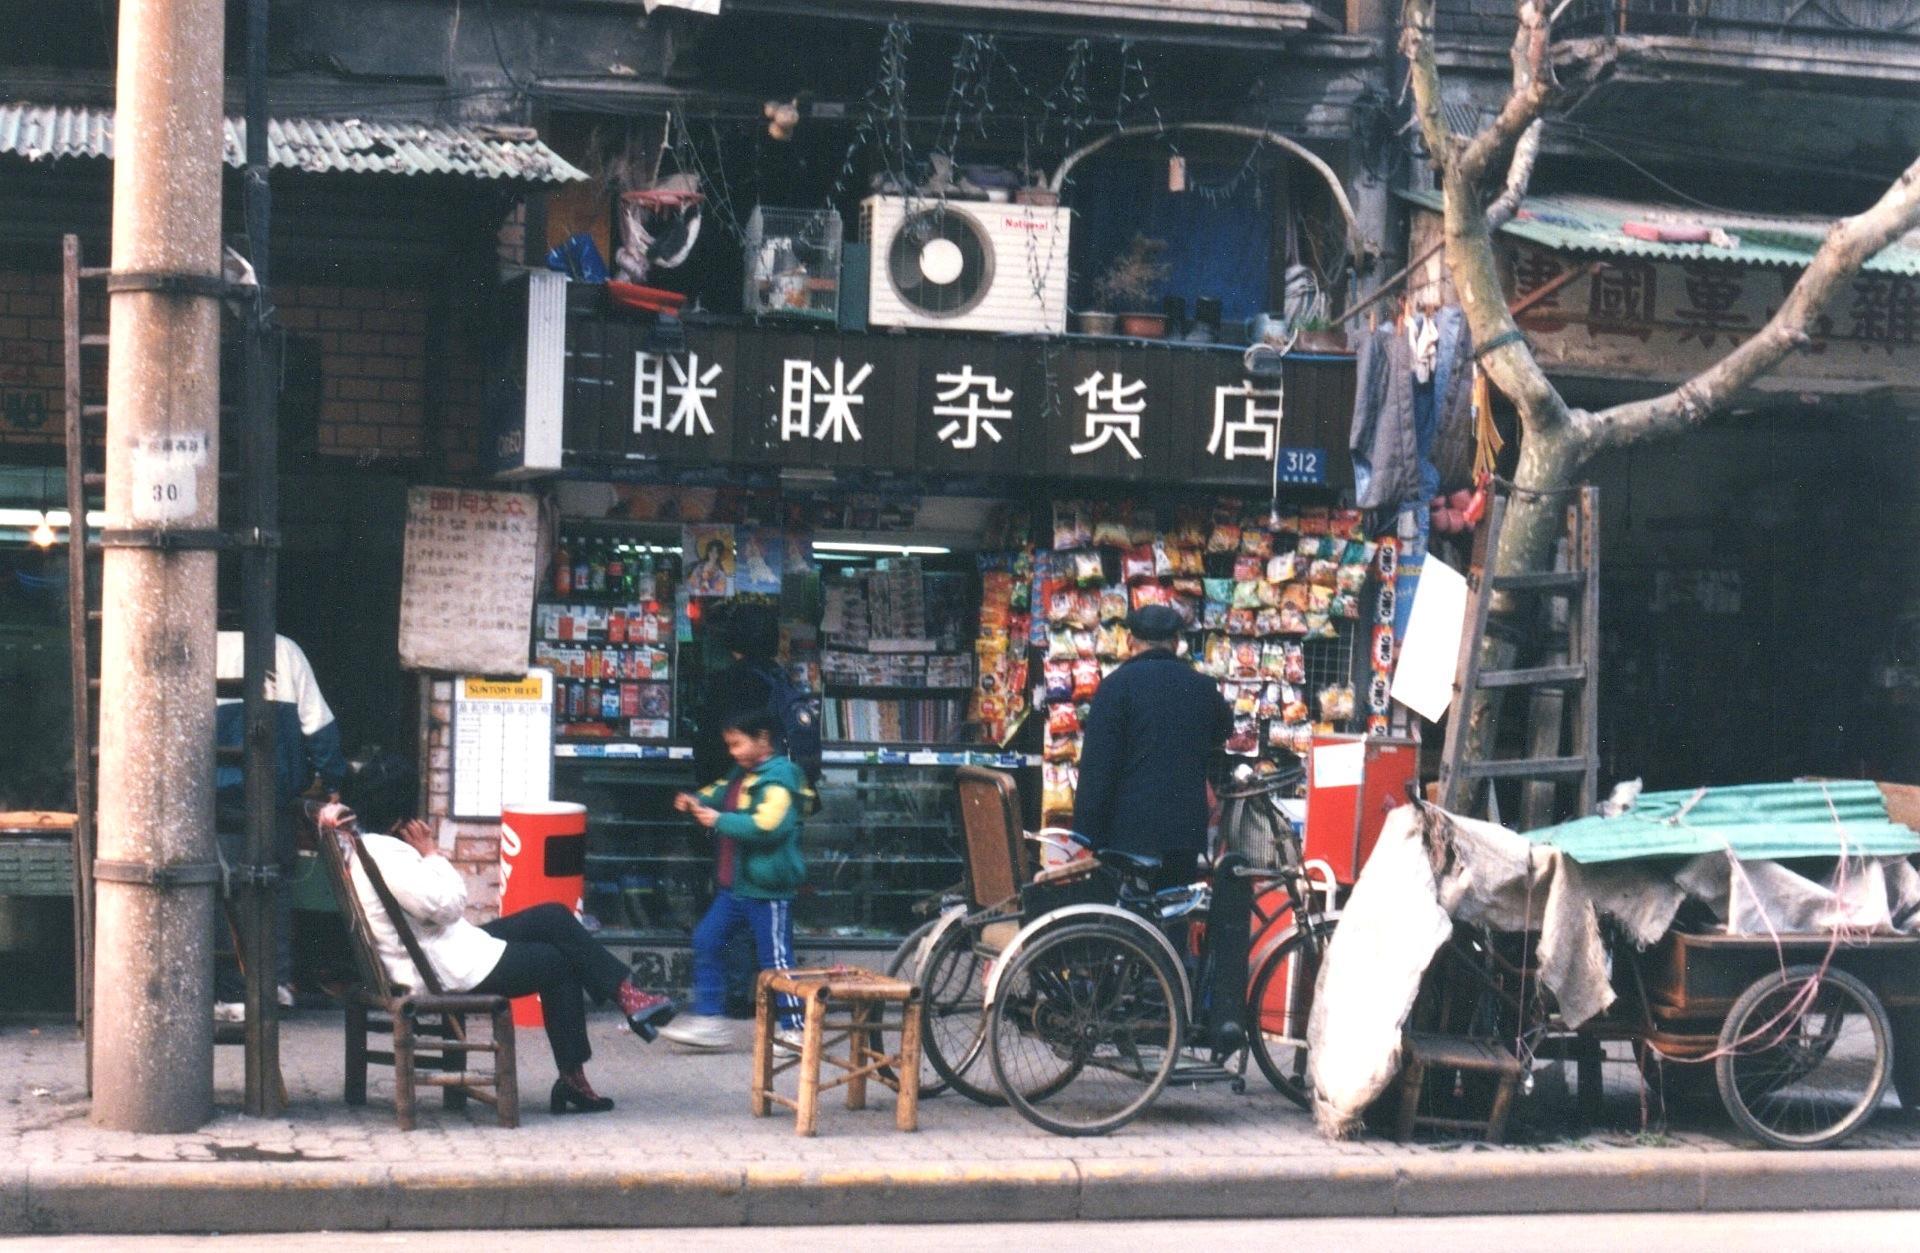 BConklin 1998 Shanghai Street Scene 02